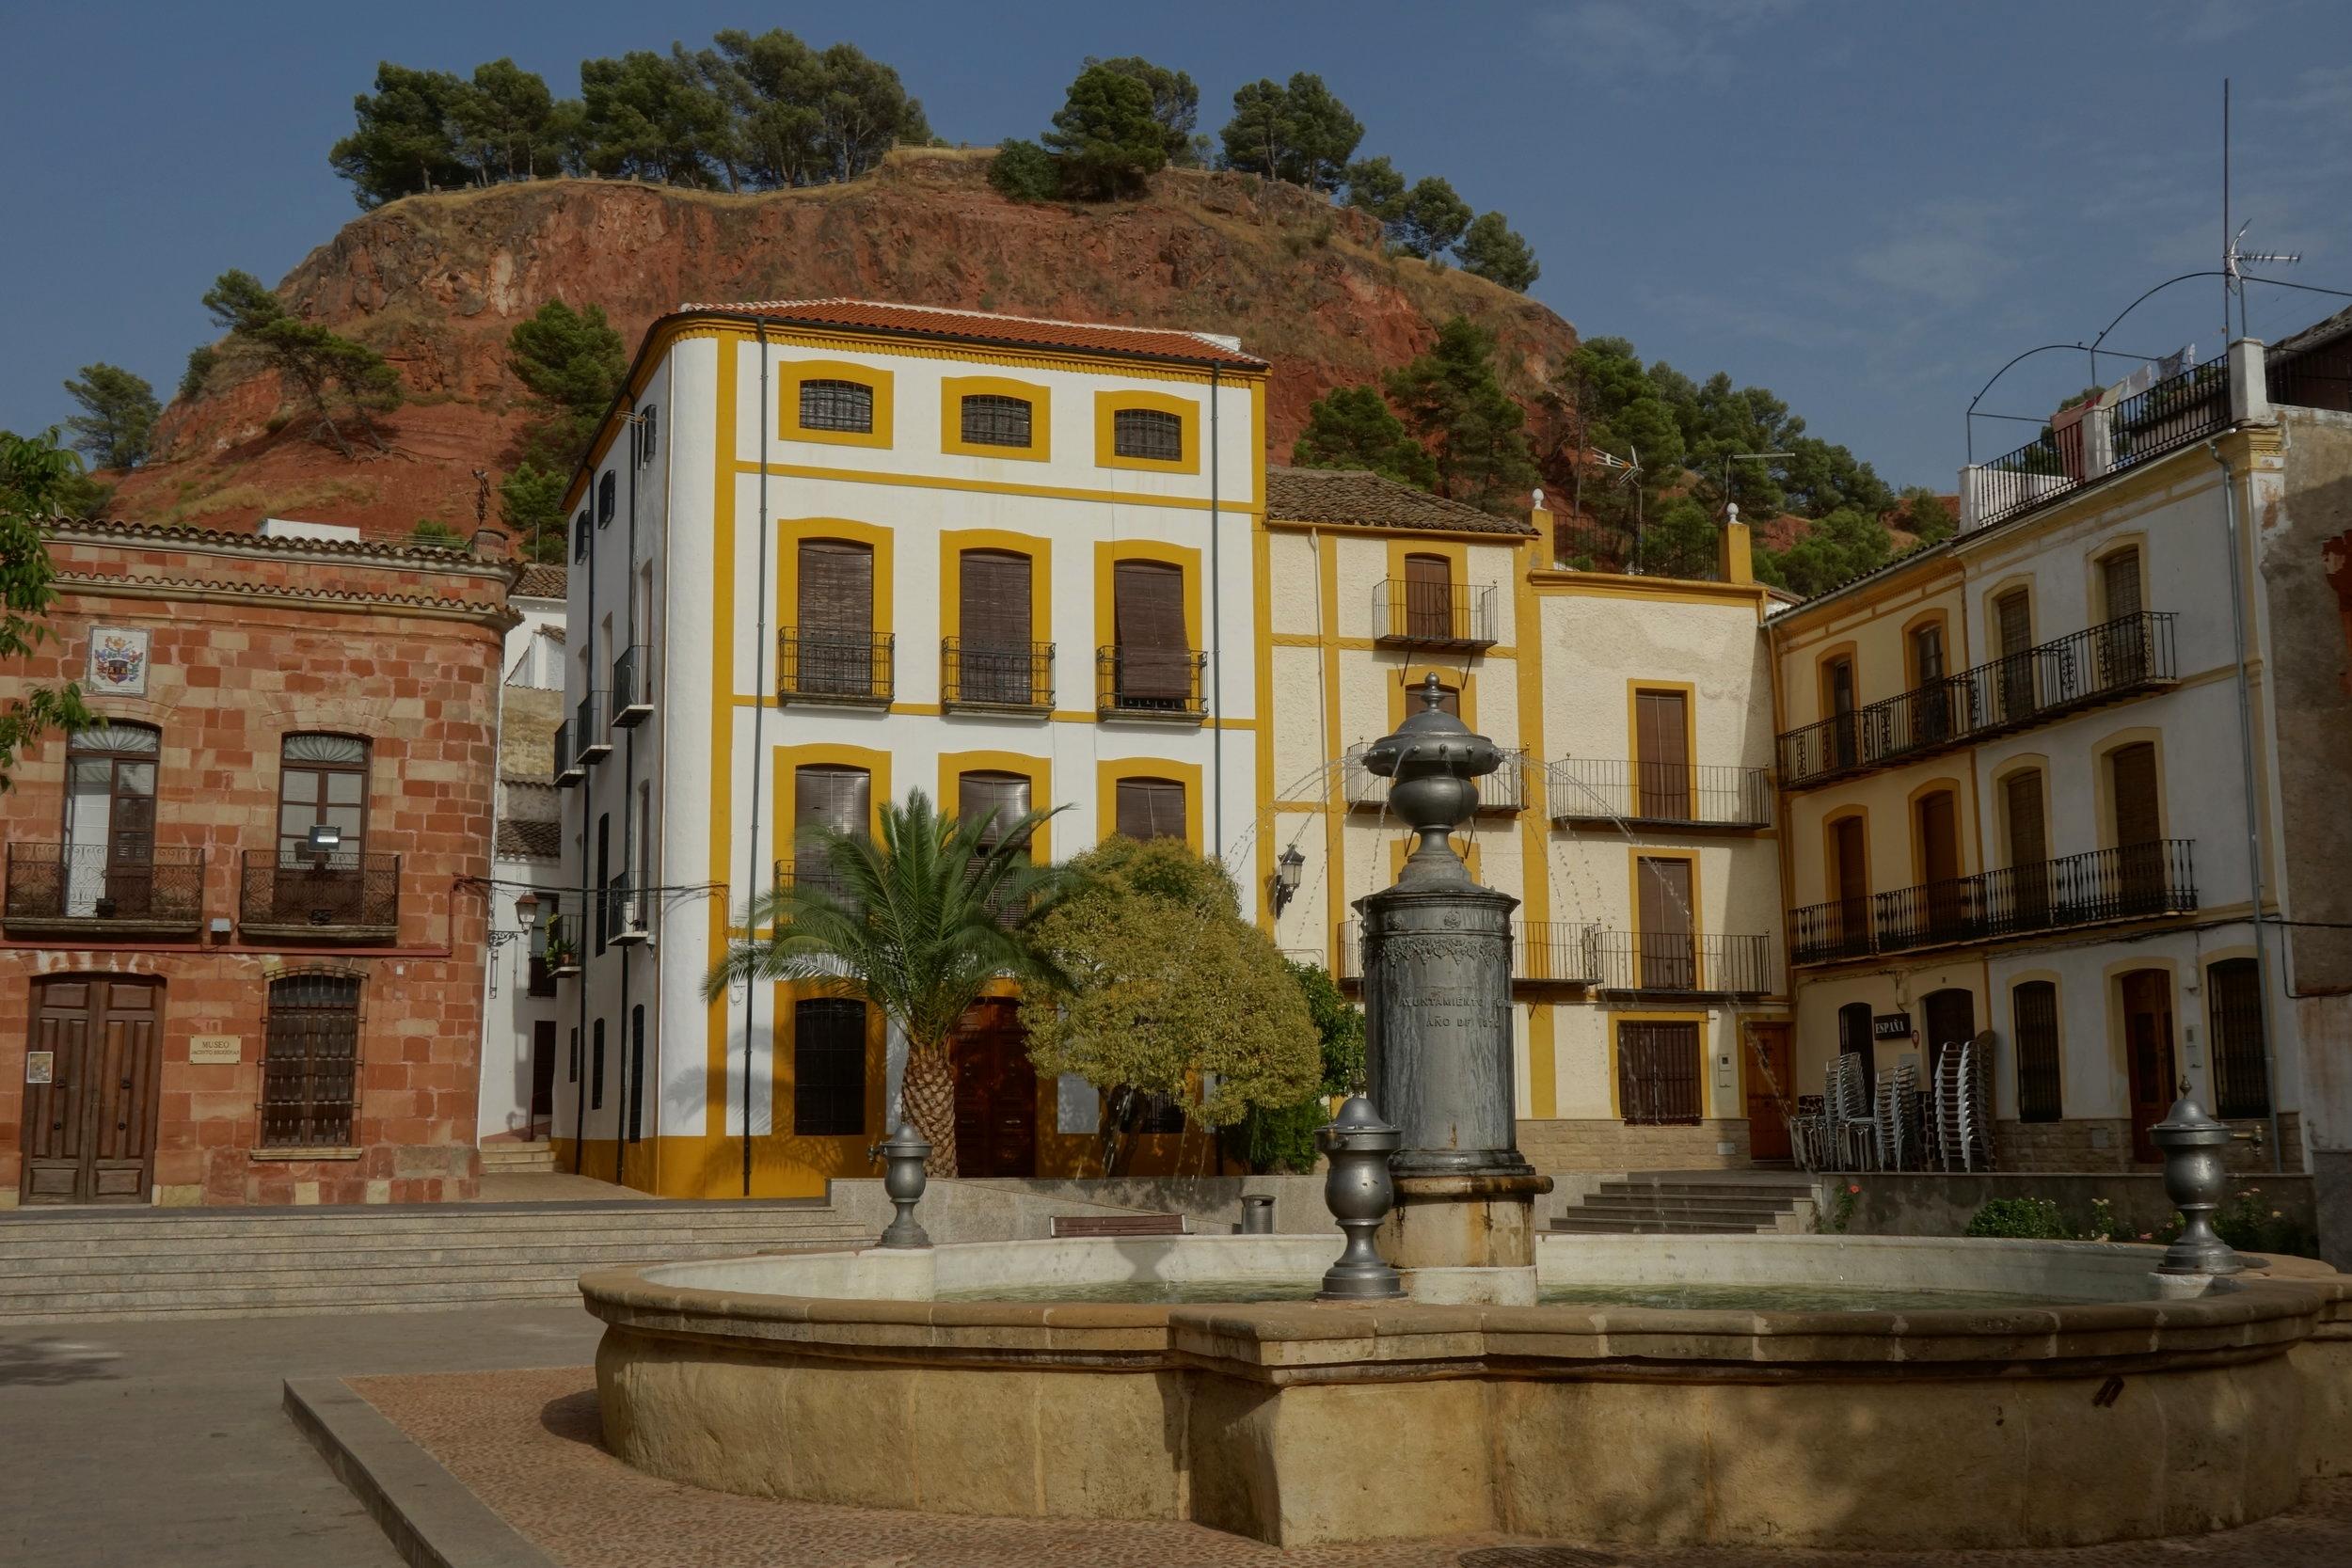 Qué ver en Santisteban del Puerto (Jaén) - Plaza Mayor